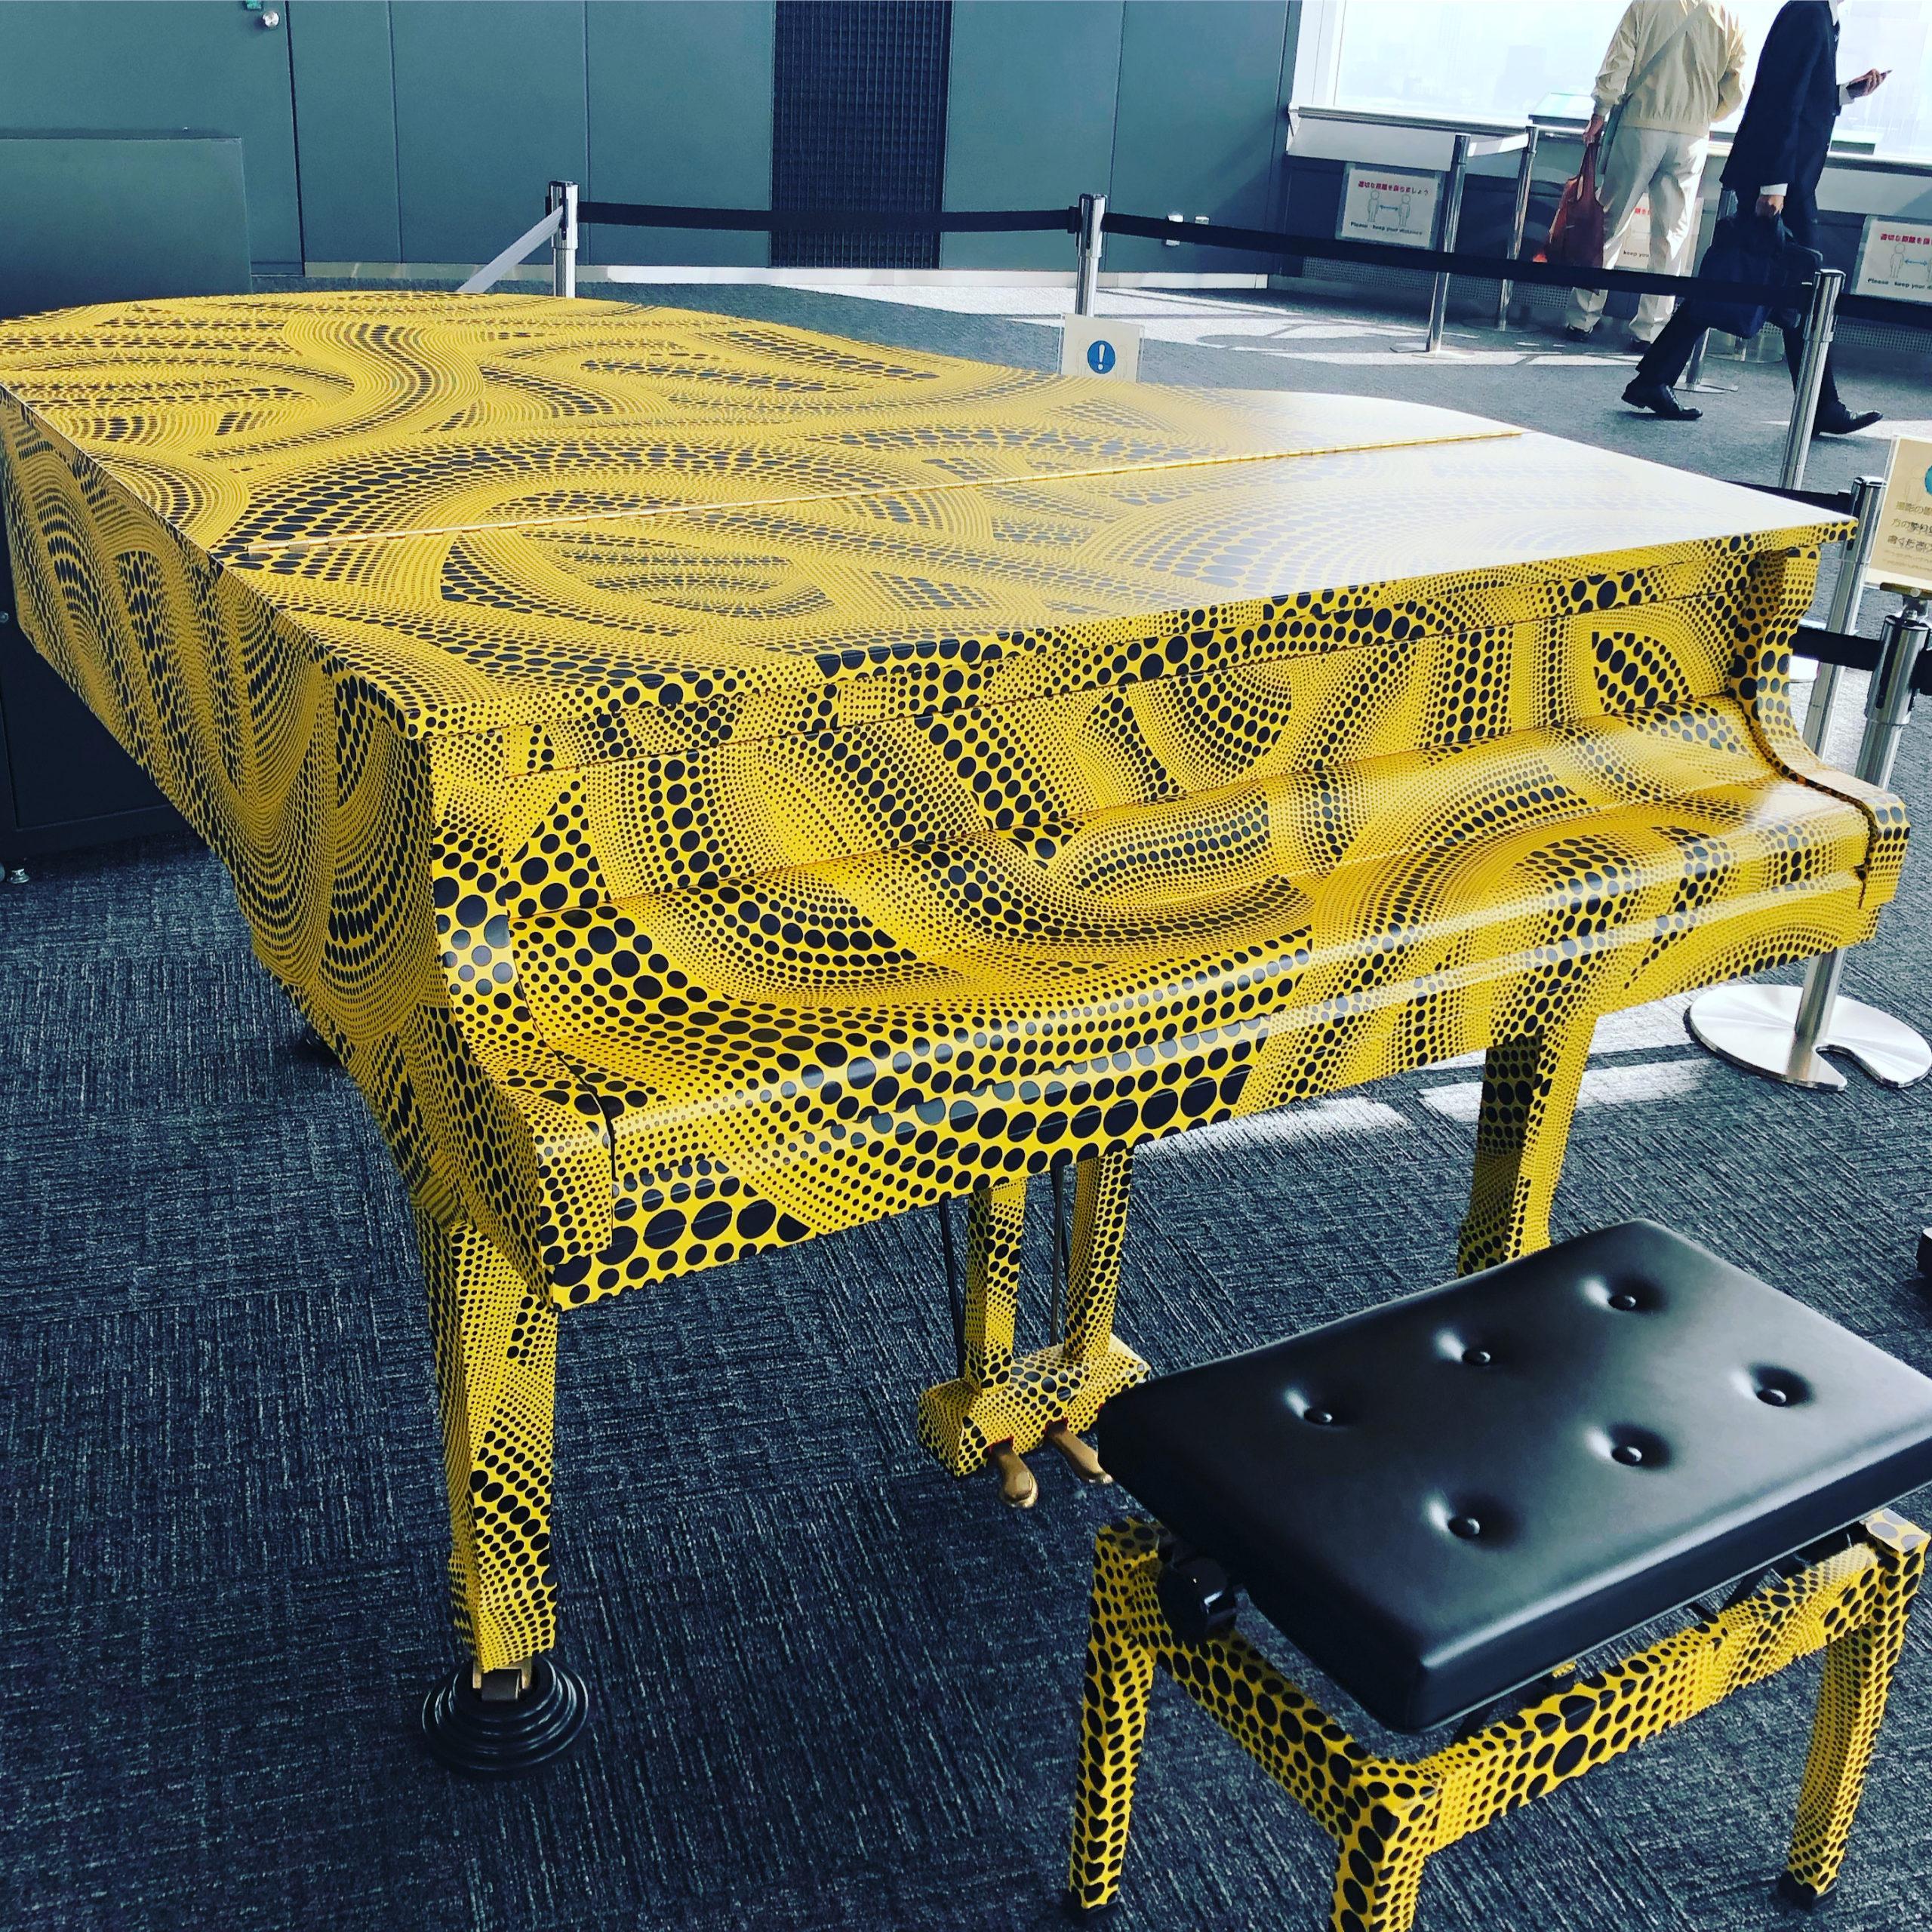 都庁のピアノを見学に。ハラミちゃんにハマってます。